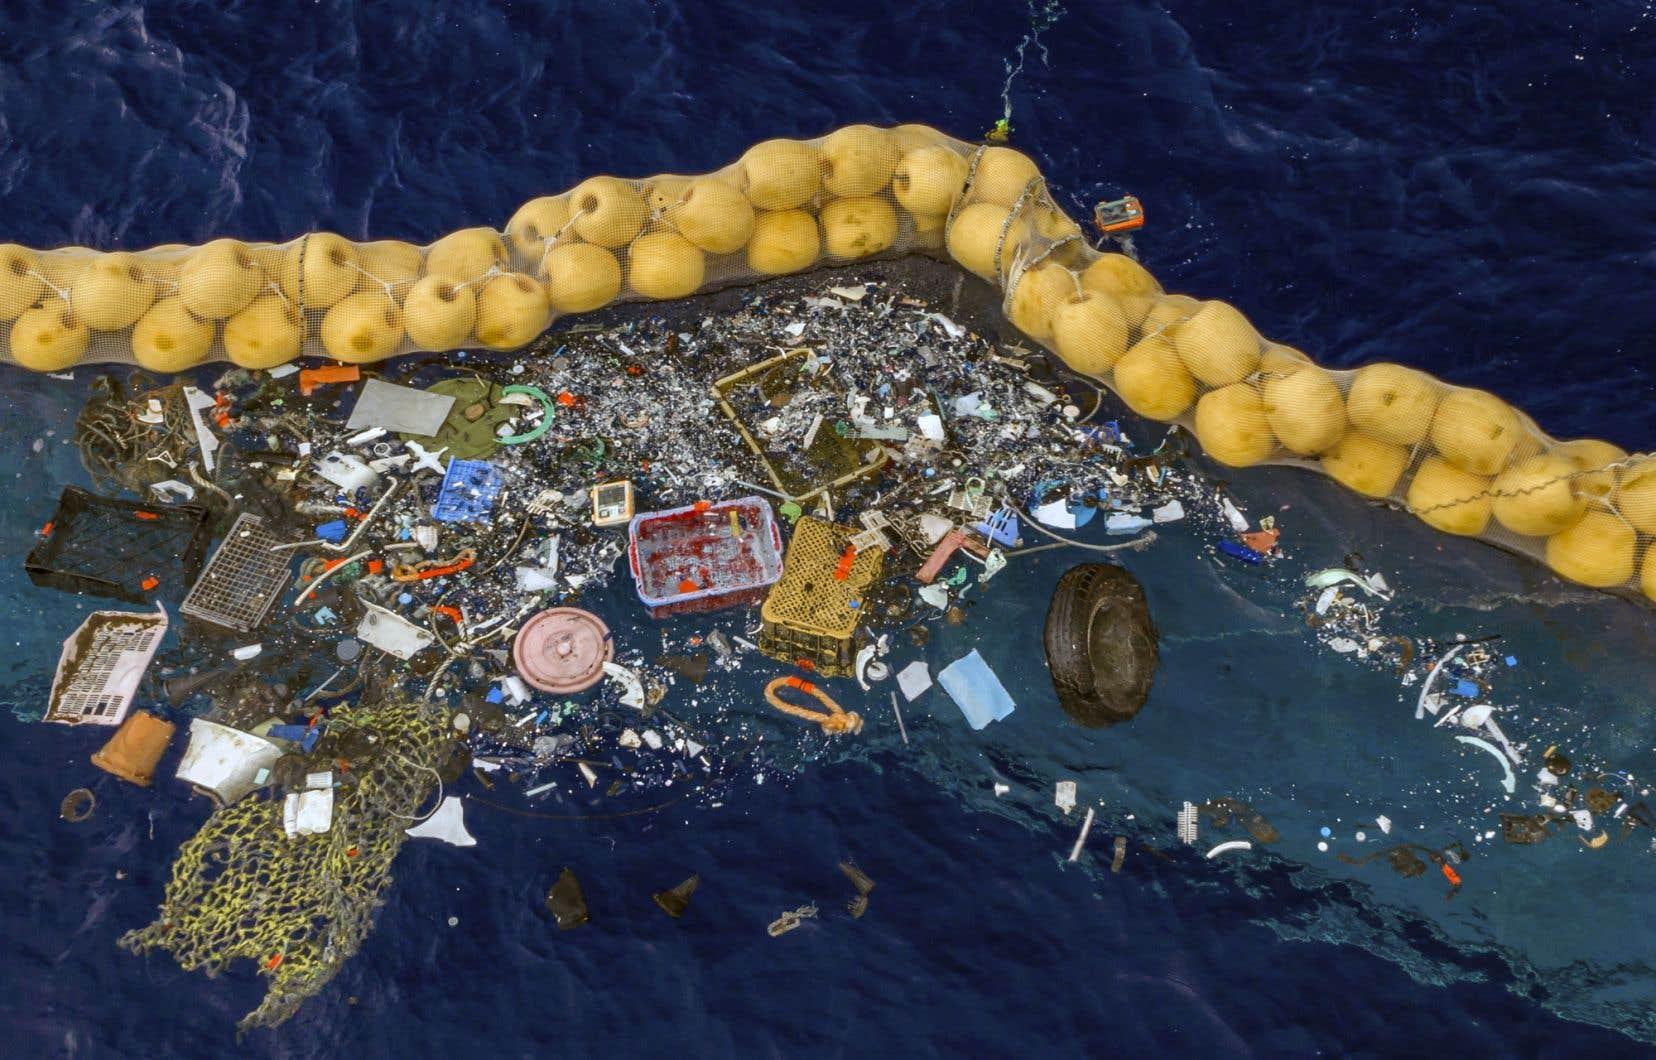 <p>L'organisation The Ocean Cleanupapublié des photos montrant une récolte de filets de pêche, de divers objets en plastique et même d'un pneu.</p>